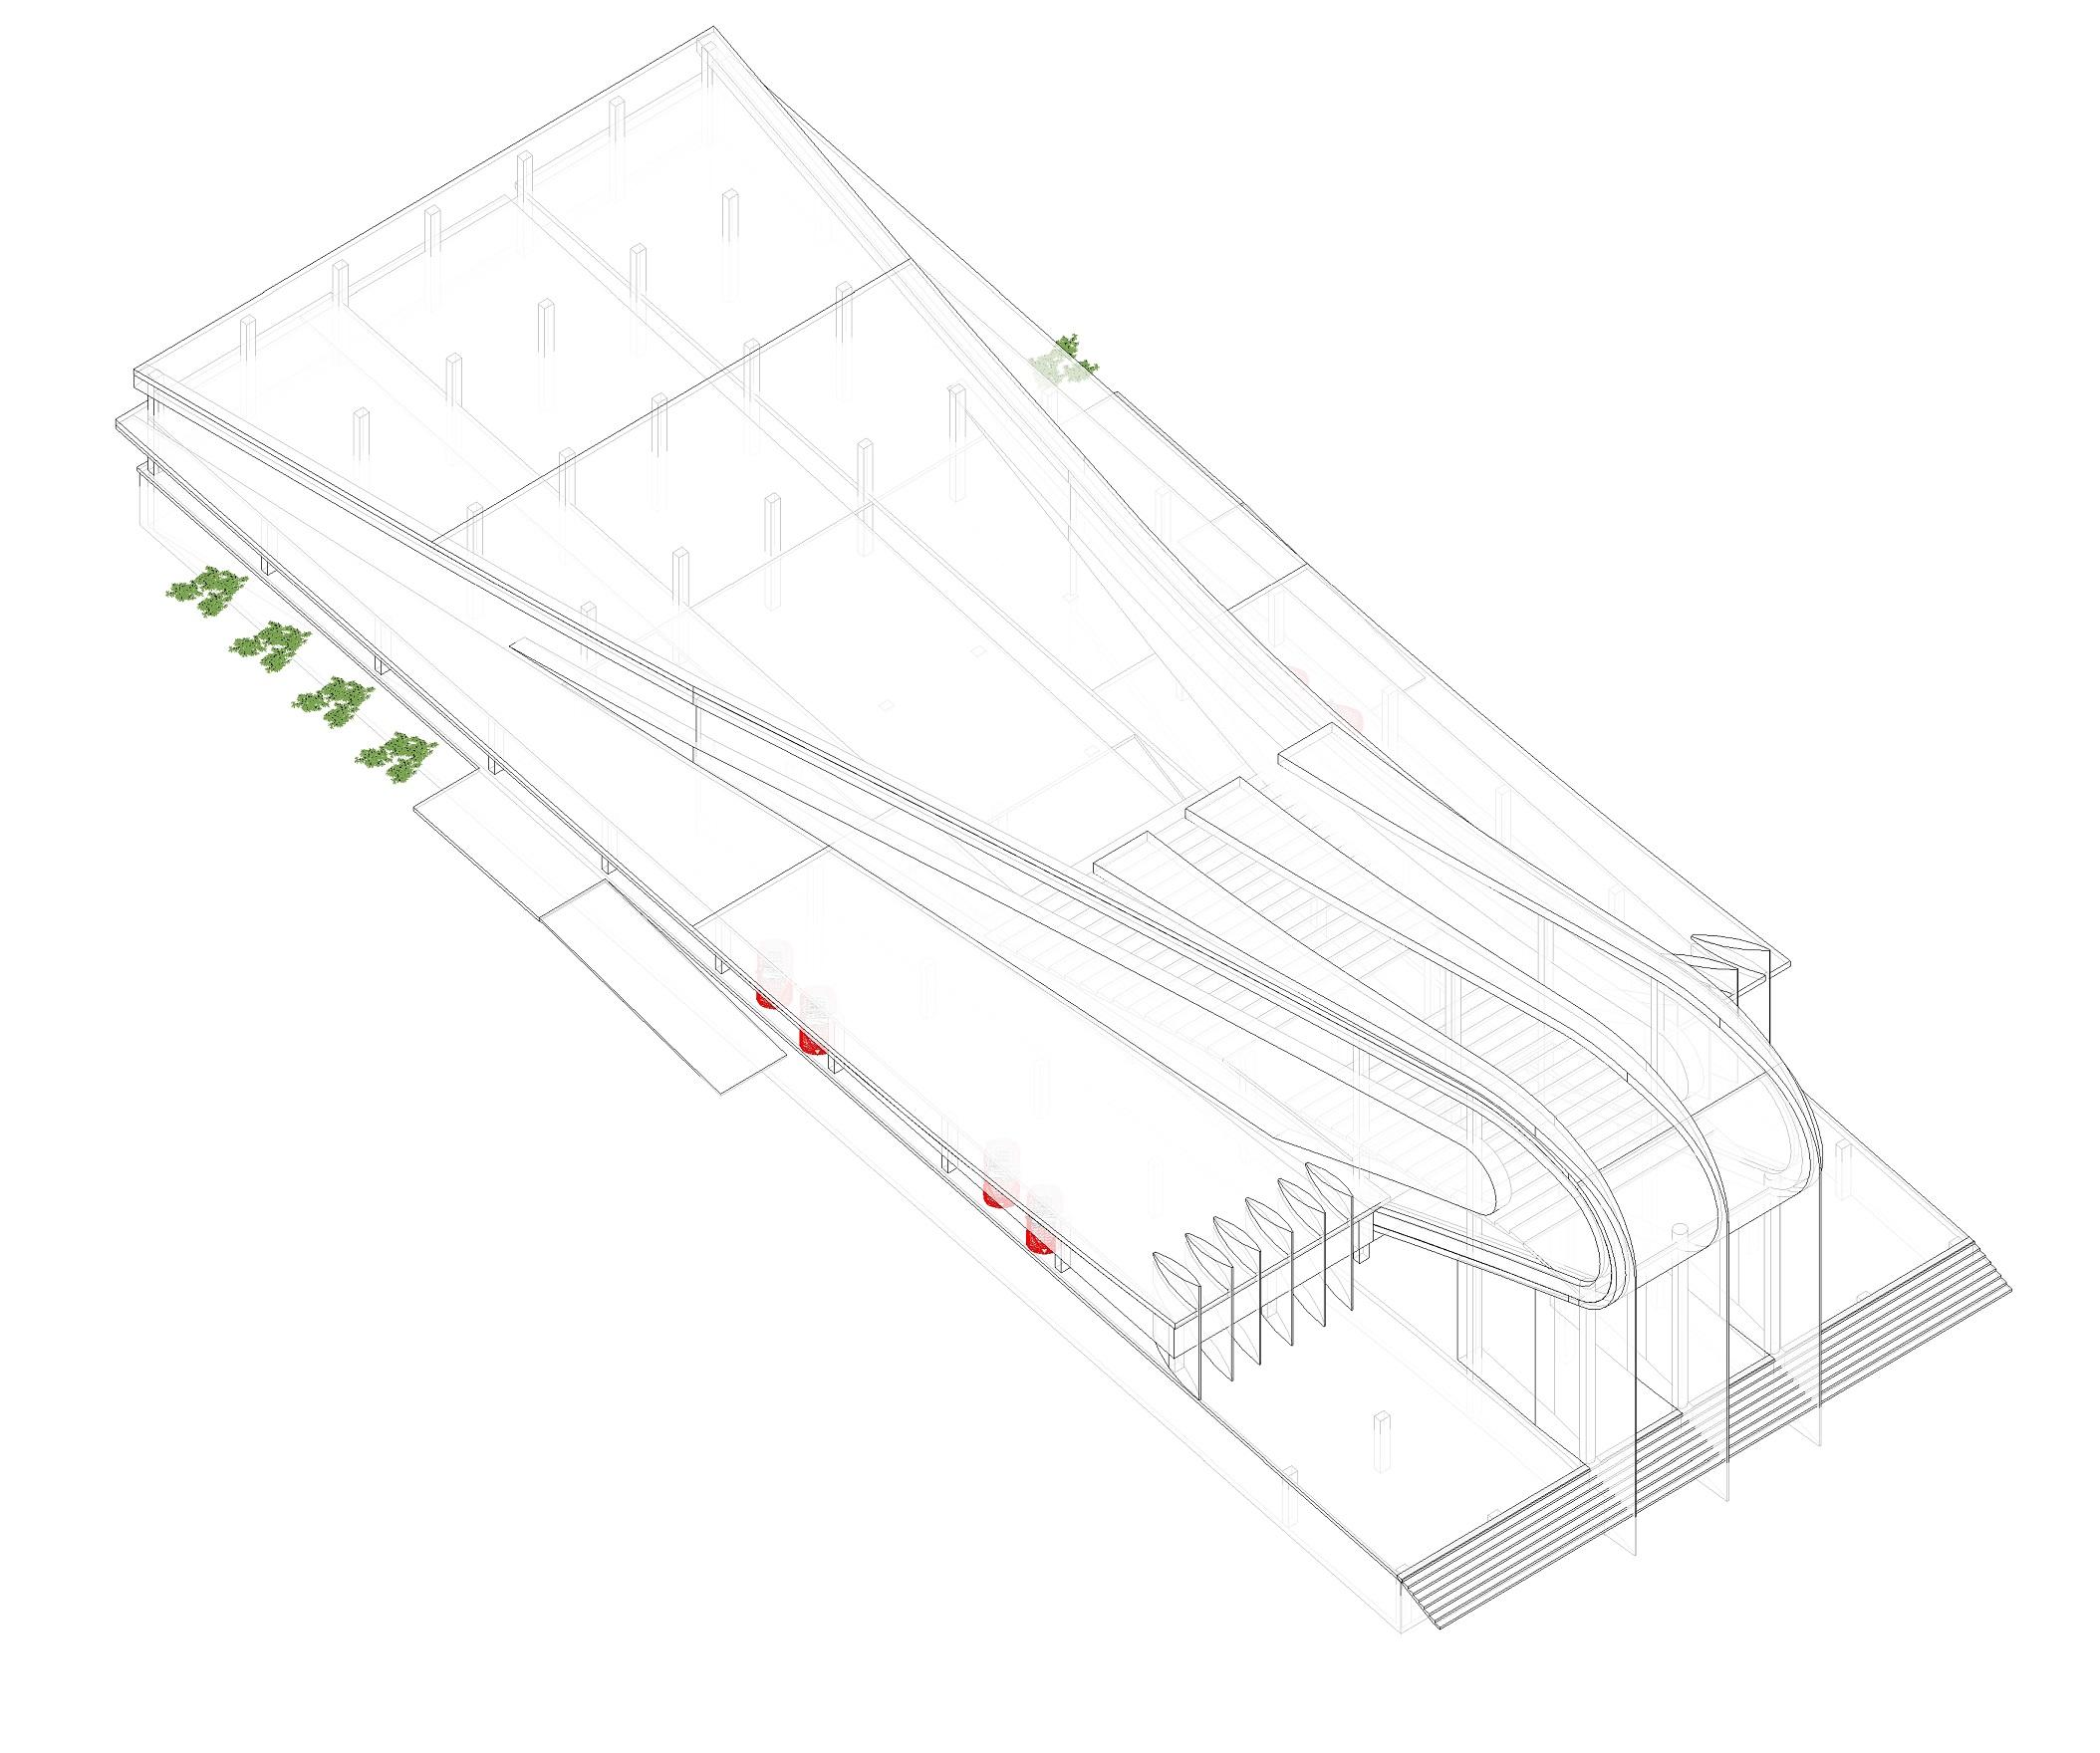 Разработка архитектурной концепции театра оперы и балета фото f_88152f574e01337e.jpg